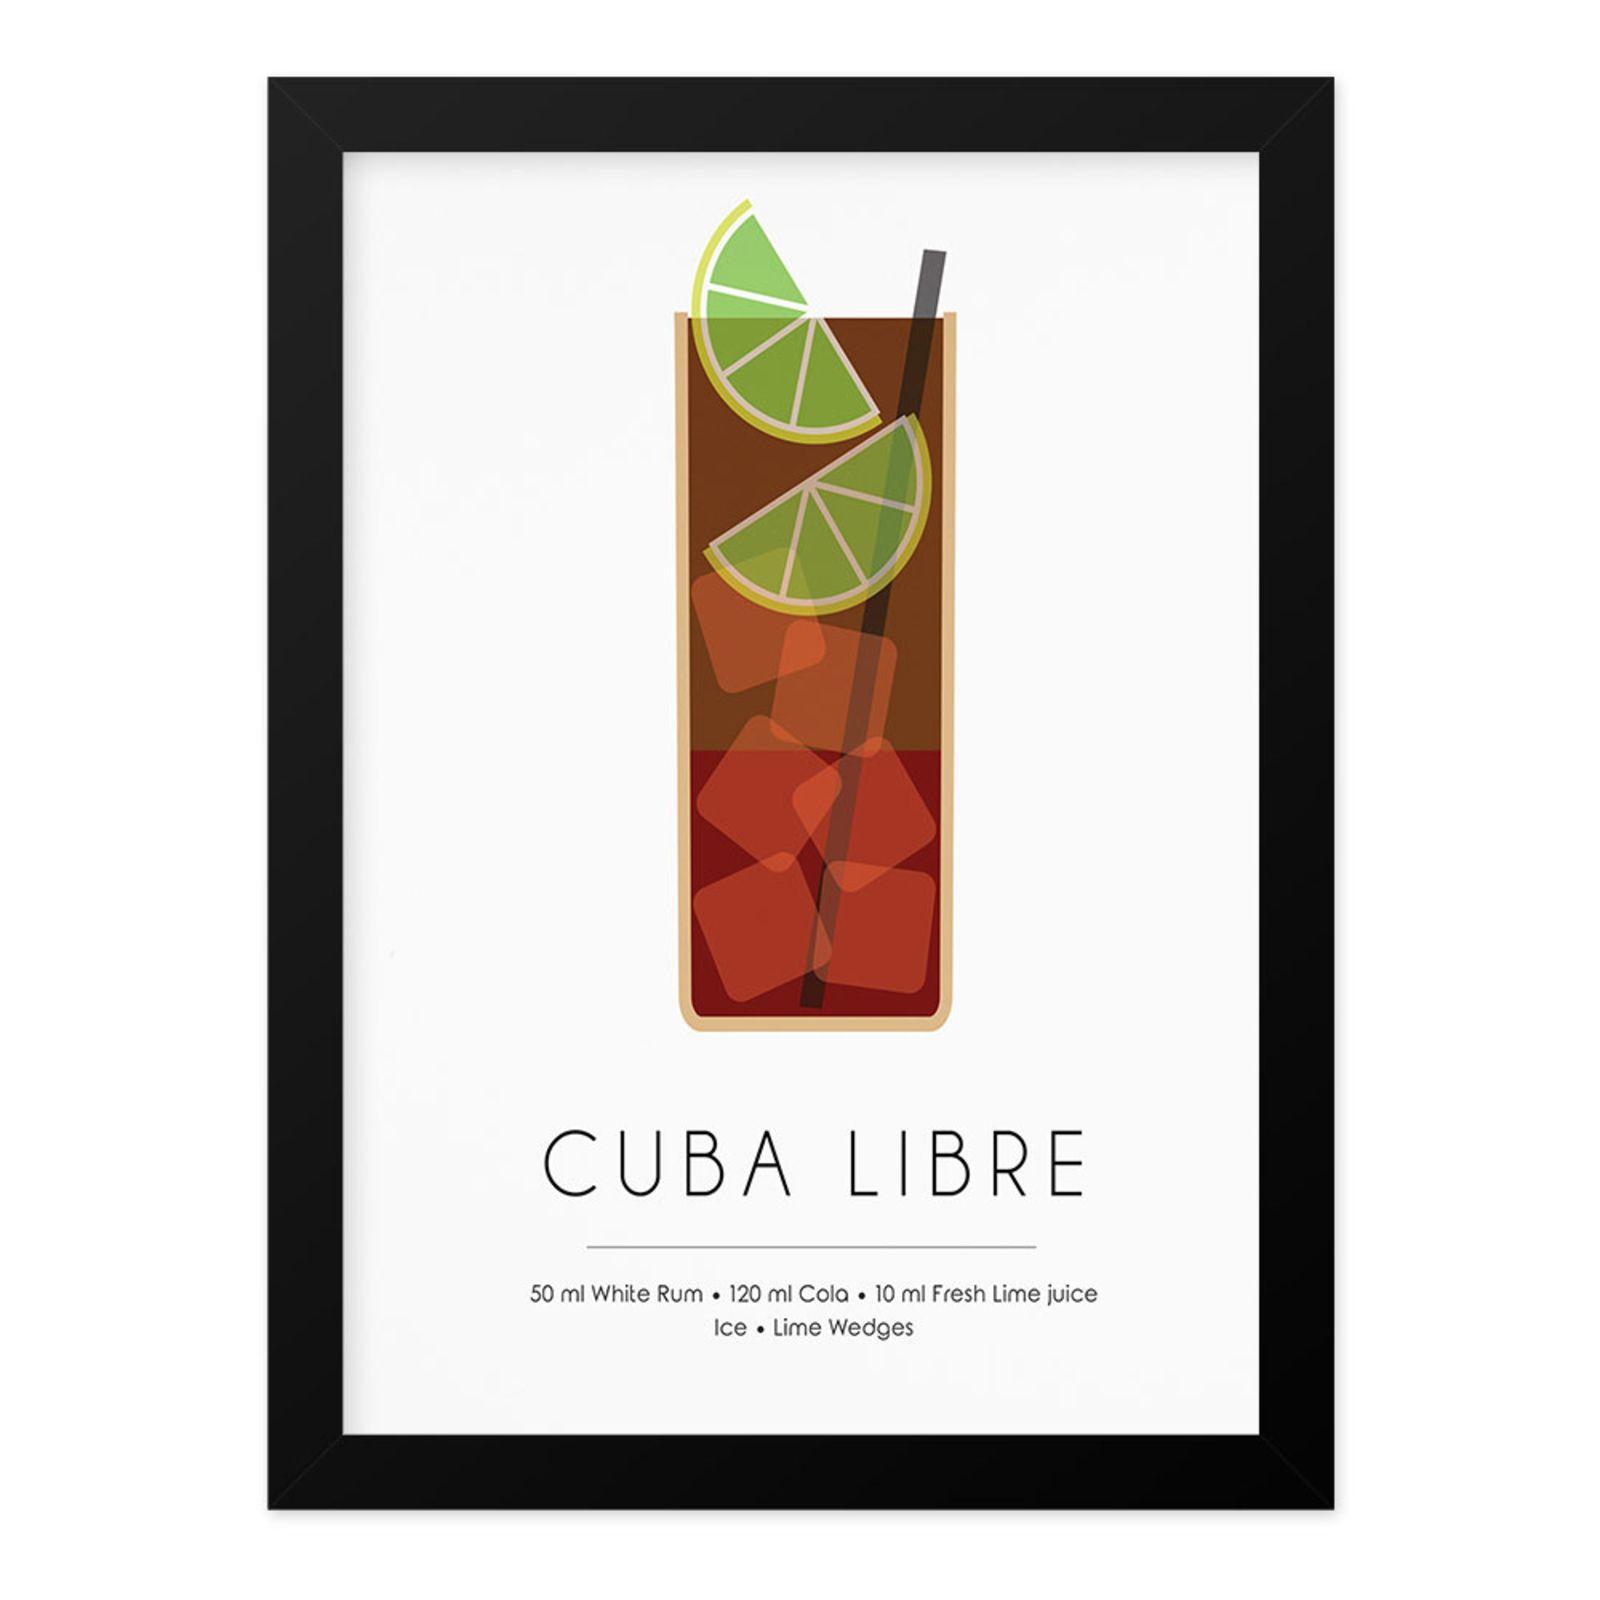 Quadro Adoraria A4 Drink Bebida Coquetel Cuba Libre Preto #cubalibre